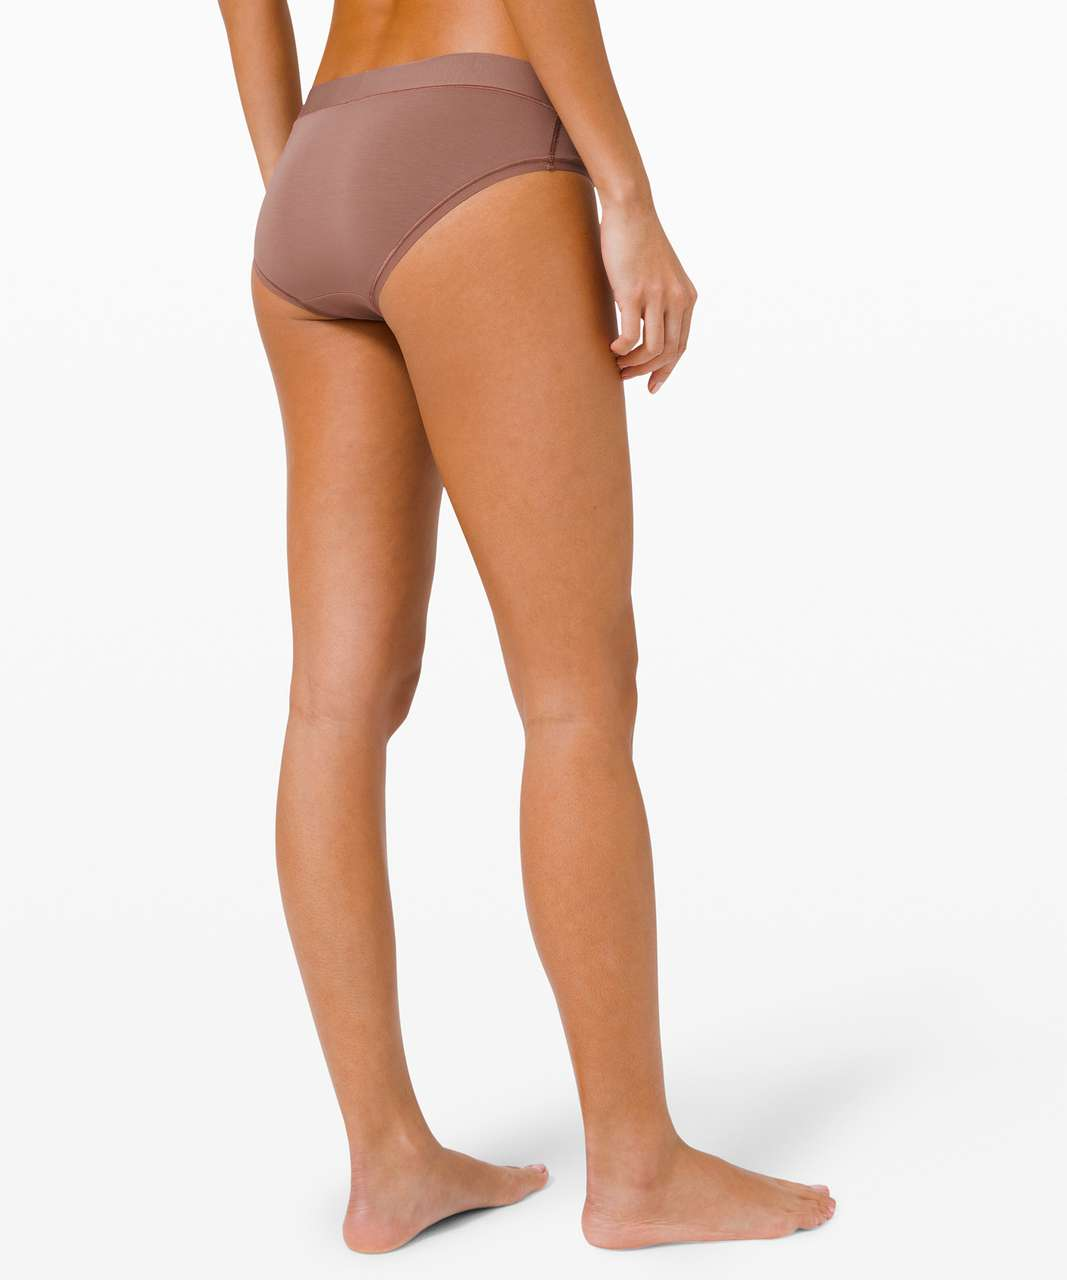 Lululemon Mula Bandhawear Bikini - Dusty Bronze